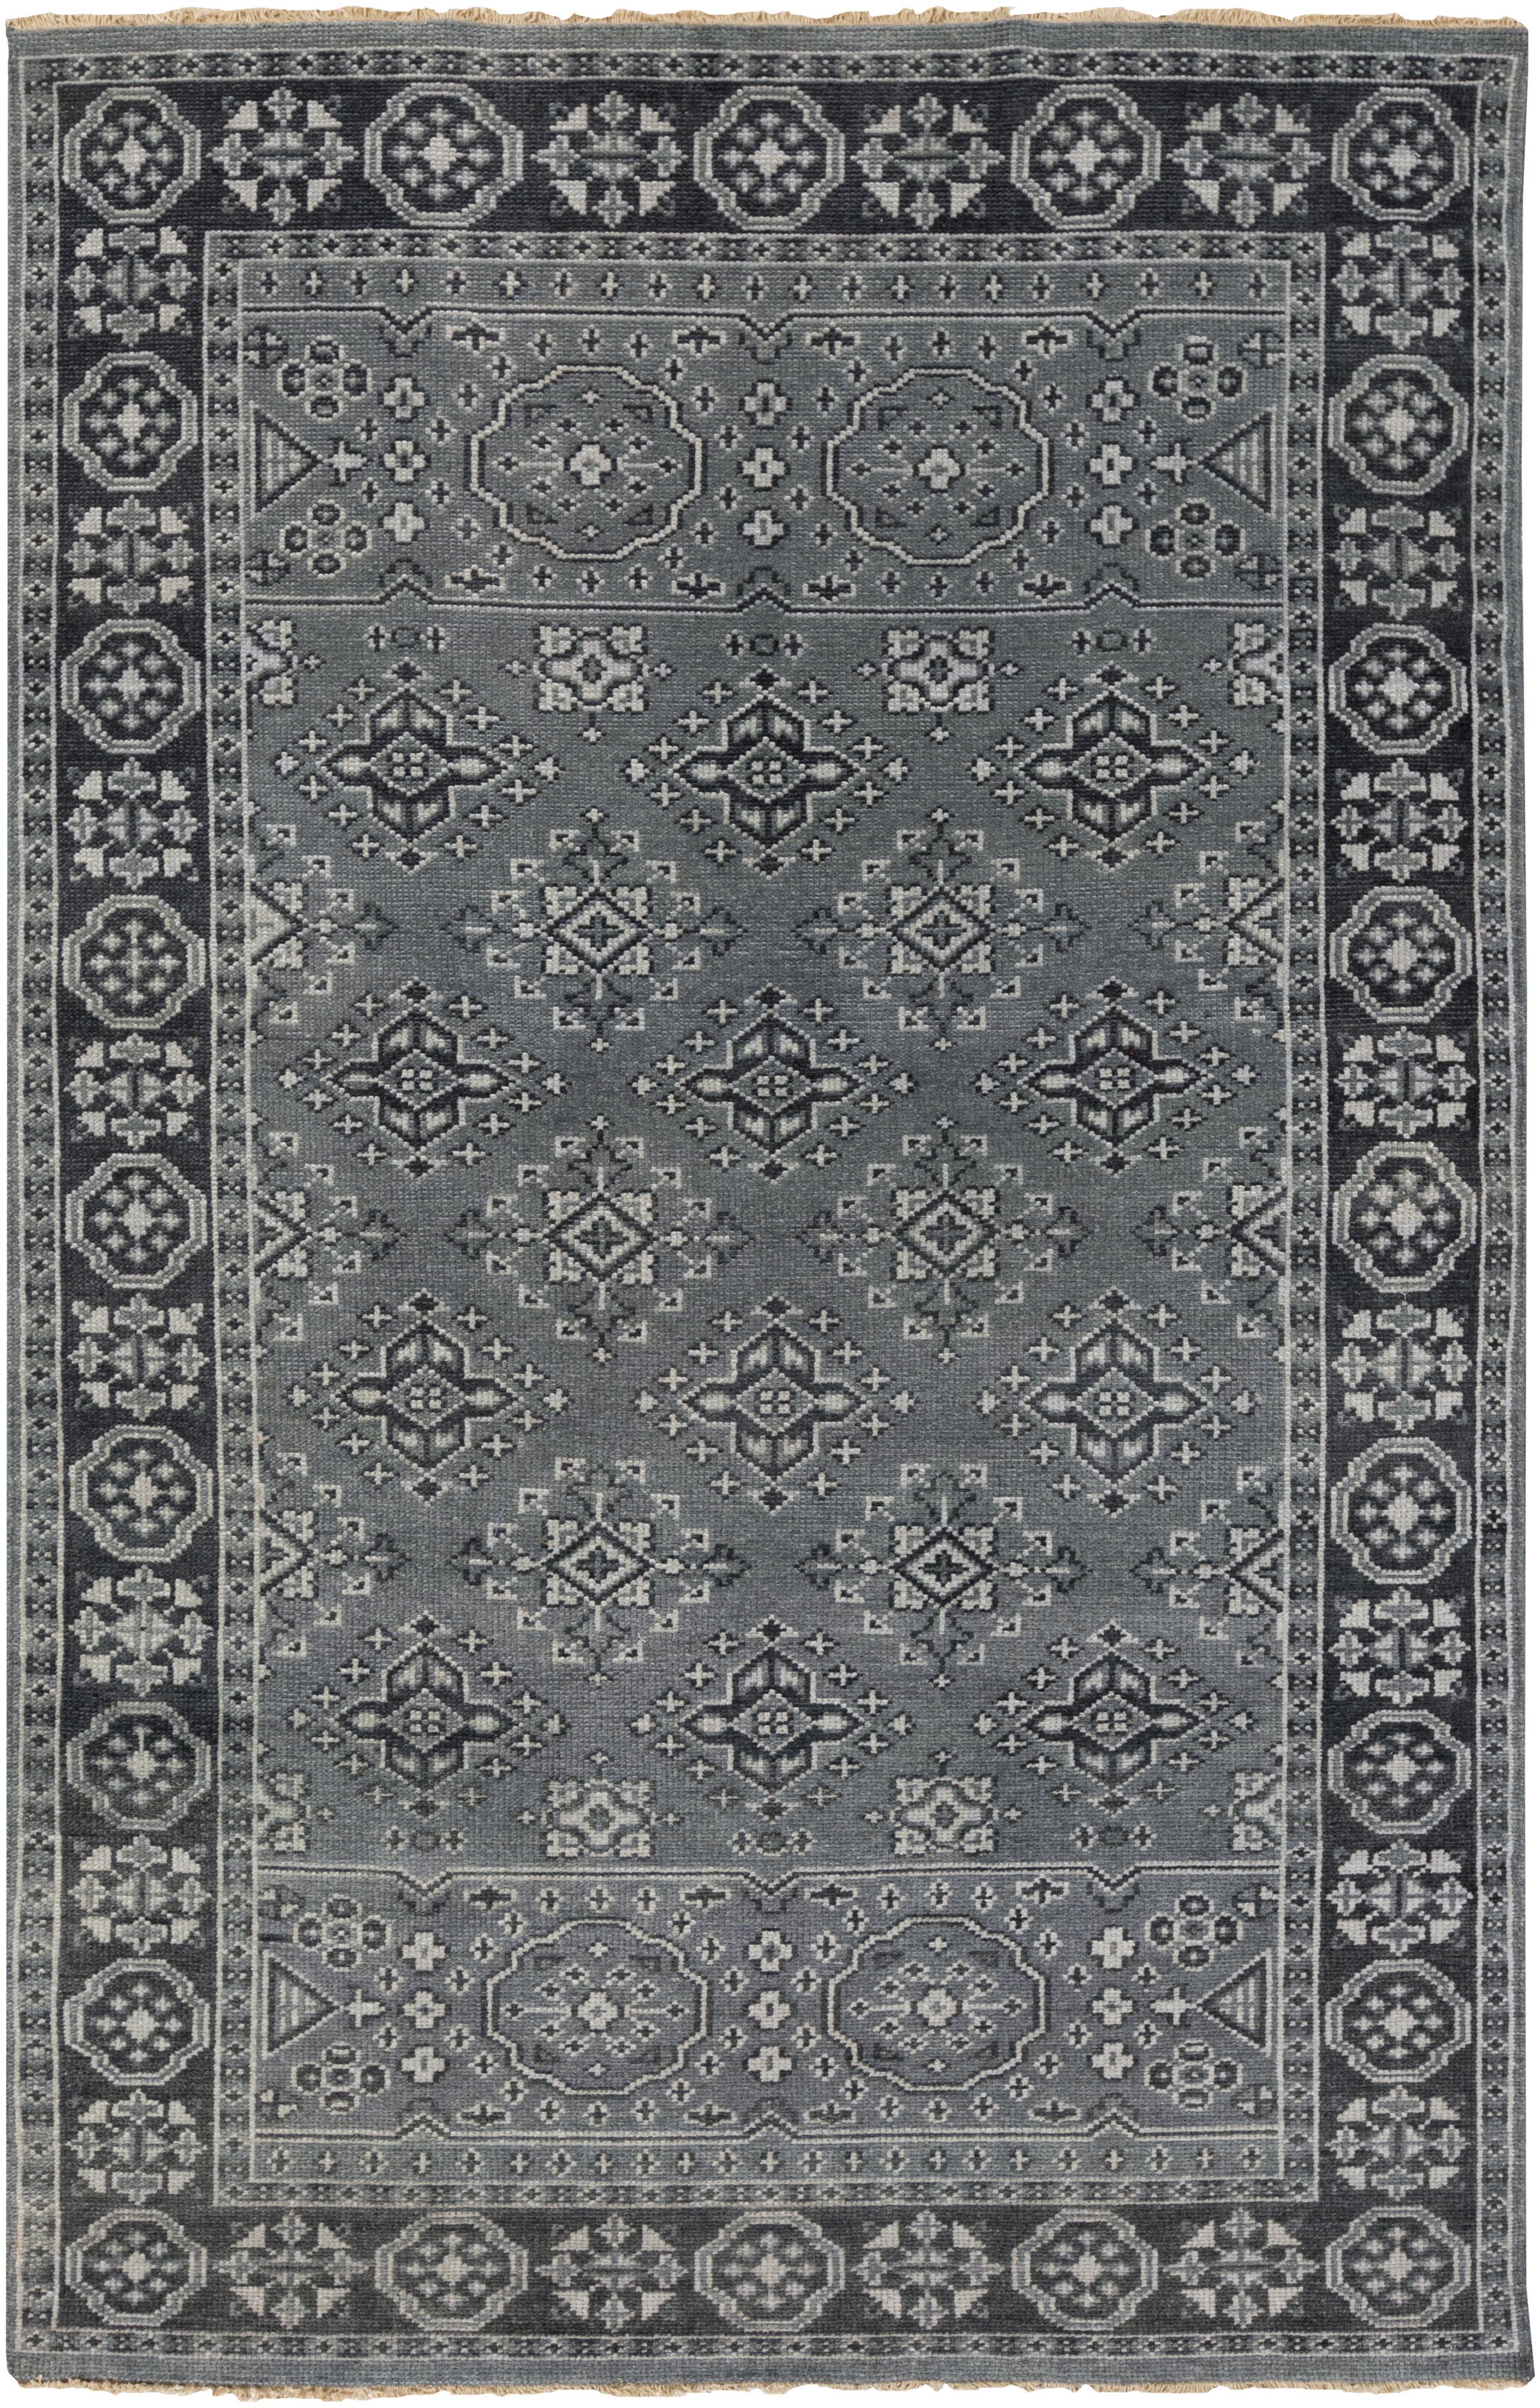 Surya Rugs Cappadocia 2' x 3' - Item Number: CPP5012-23